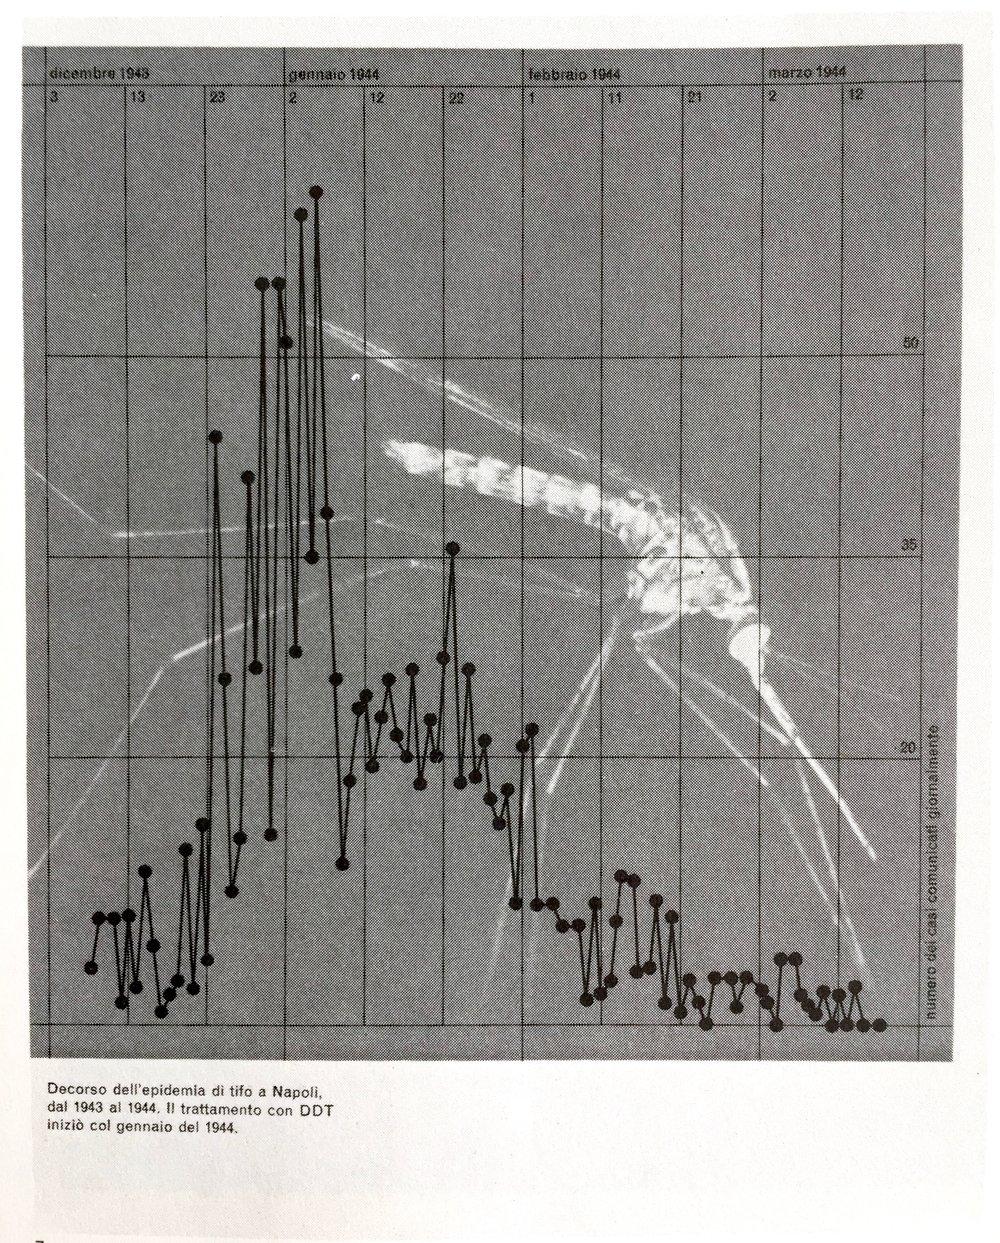 graphisdiagrams_5382.jpg